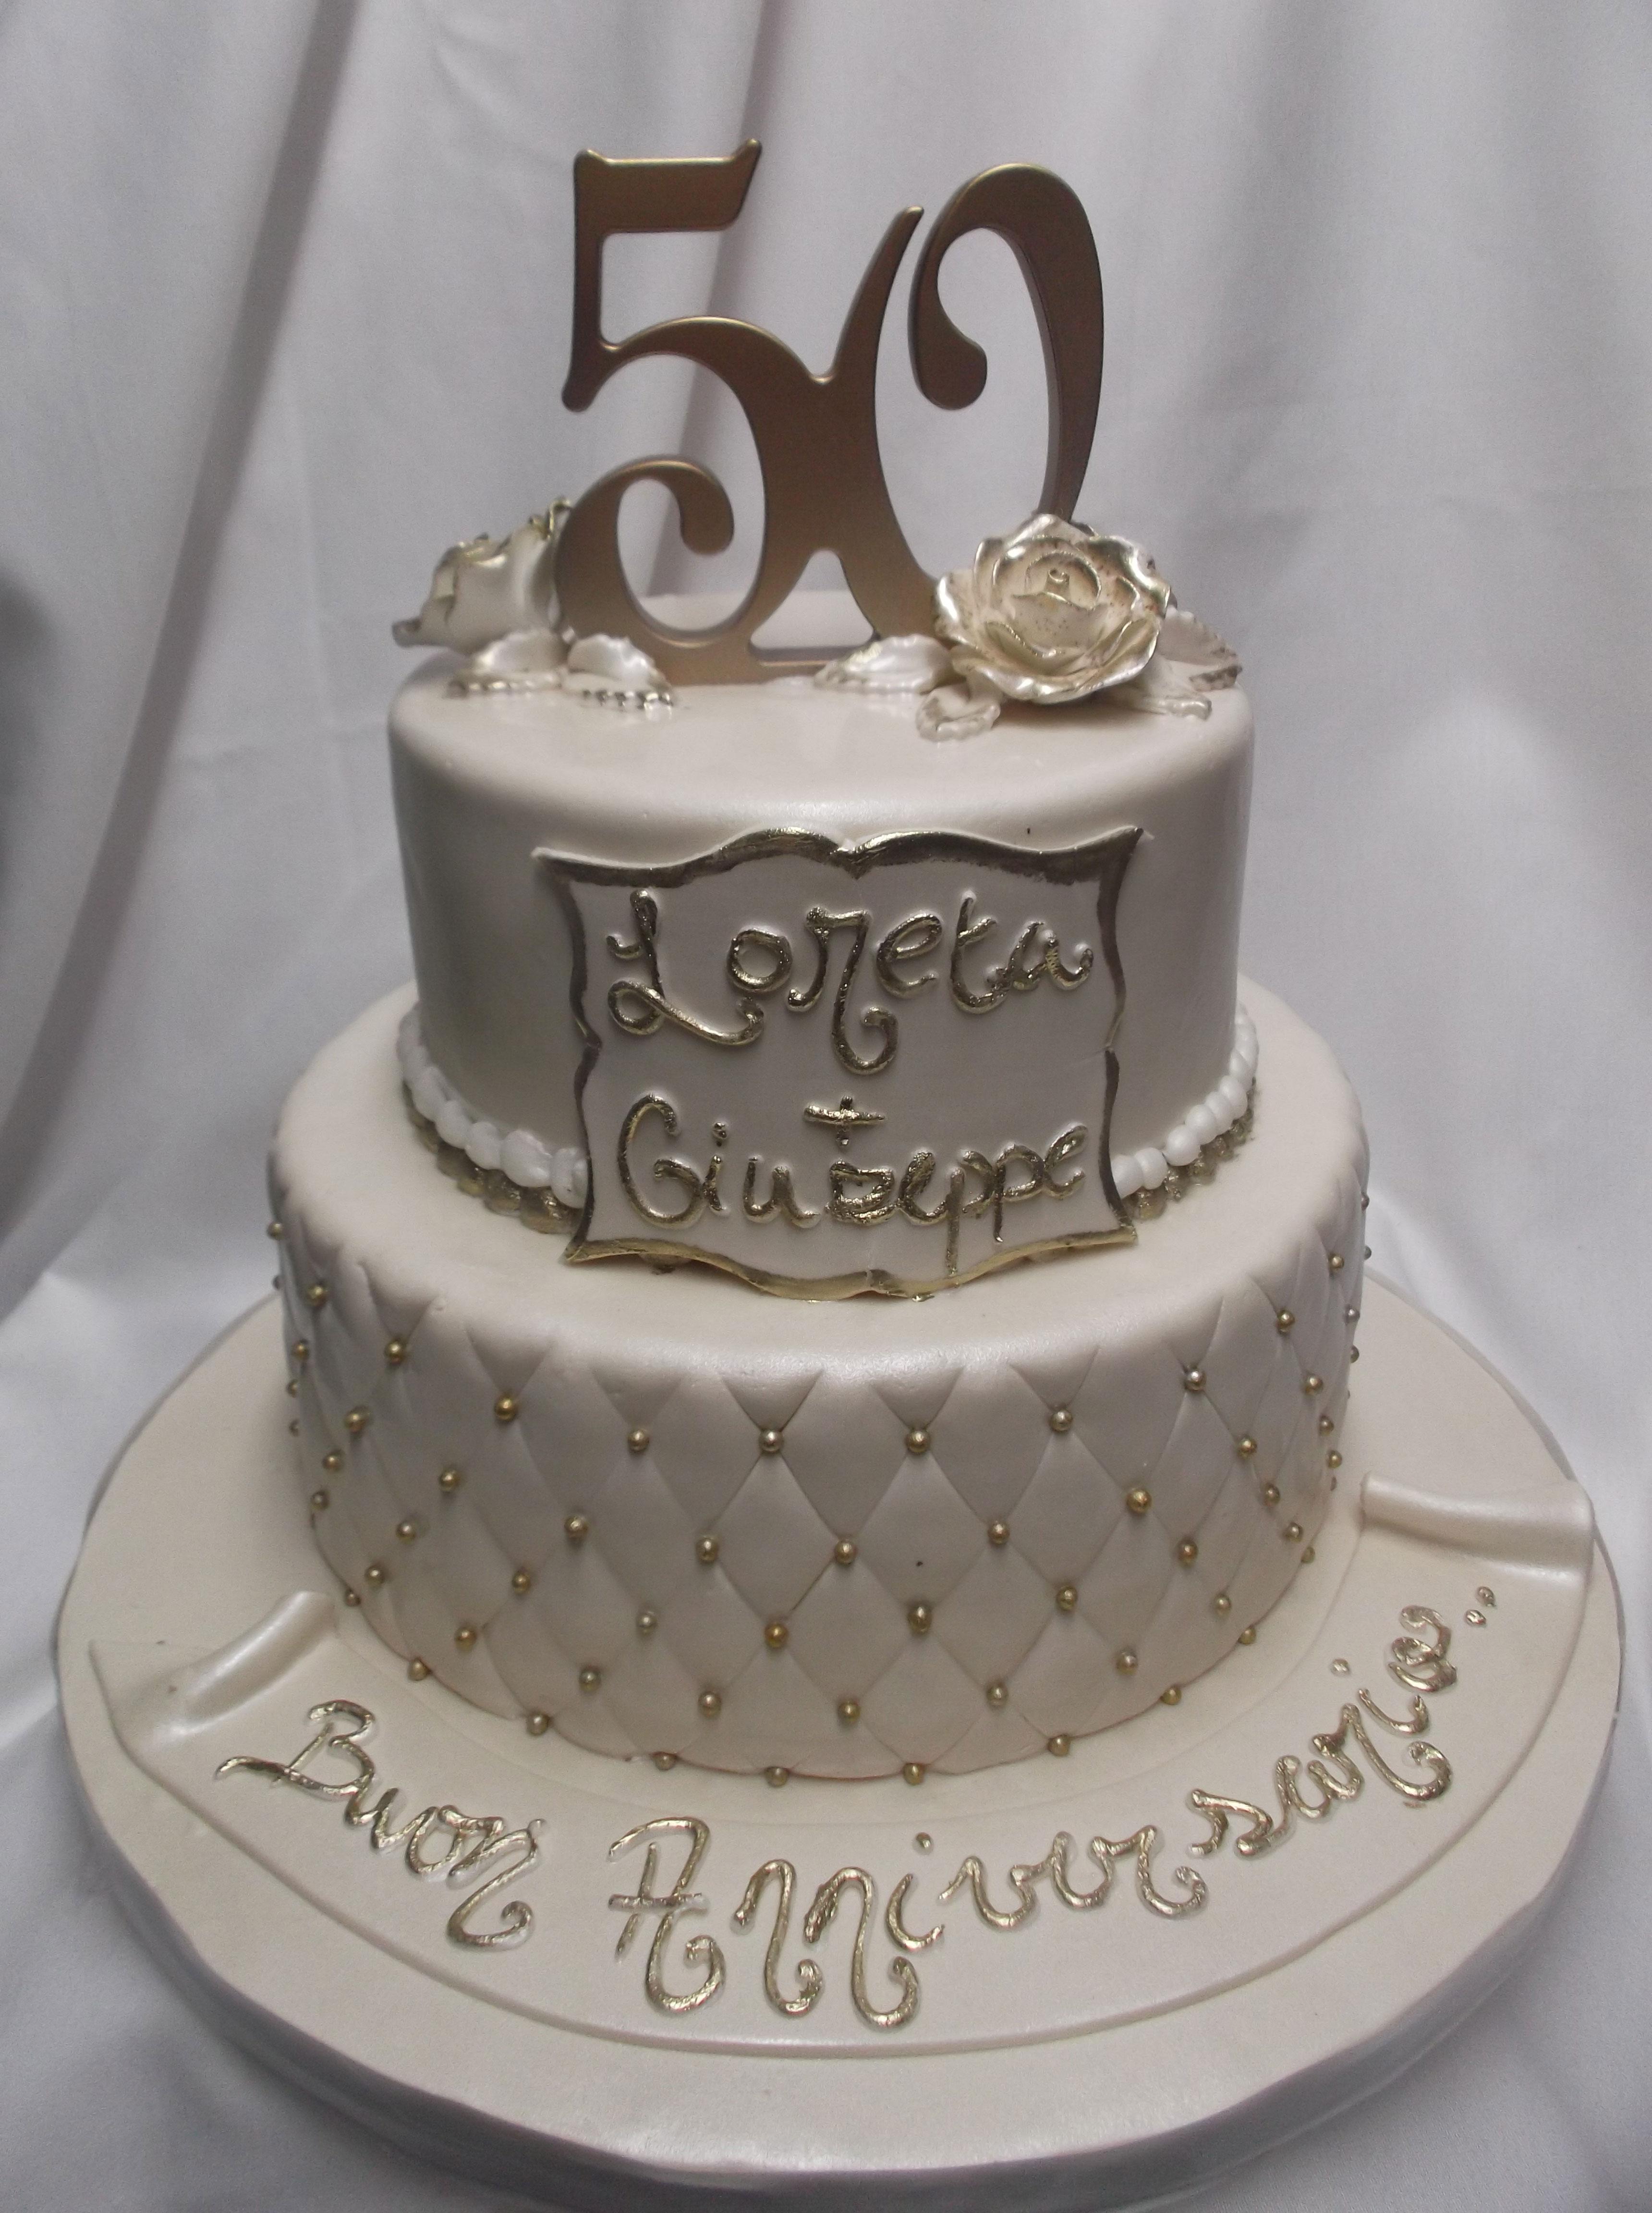 91 Birthday Cake 50 Years